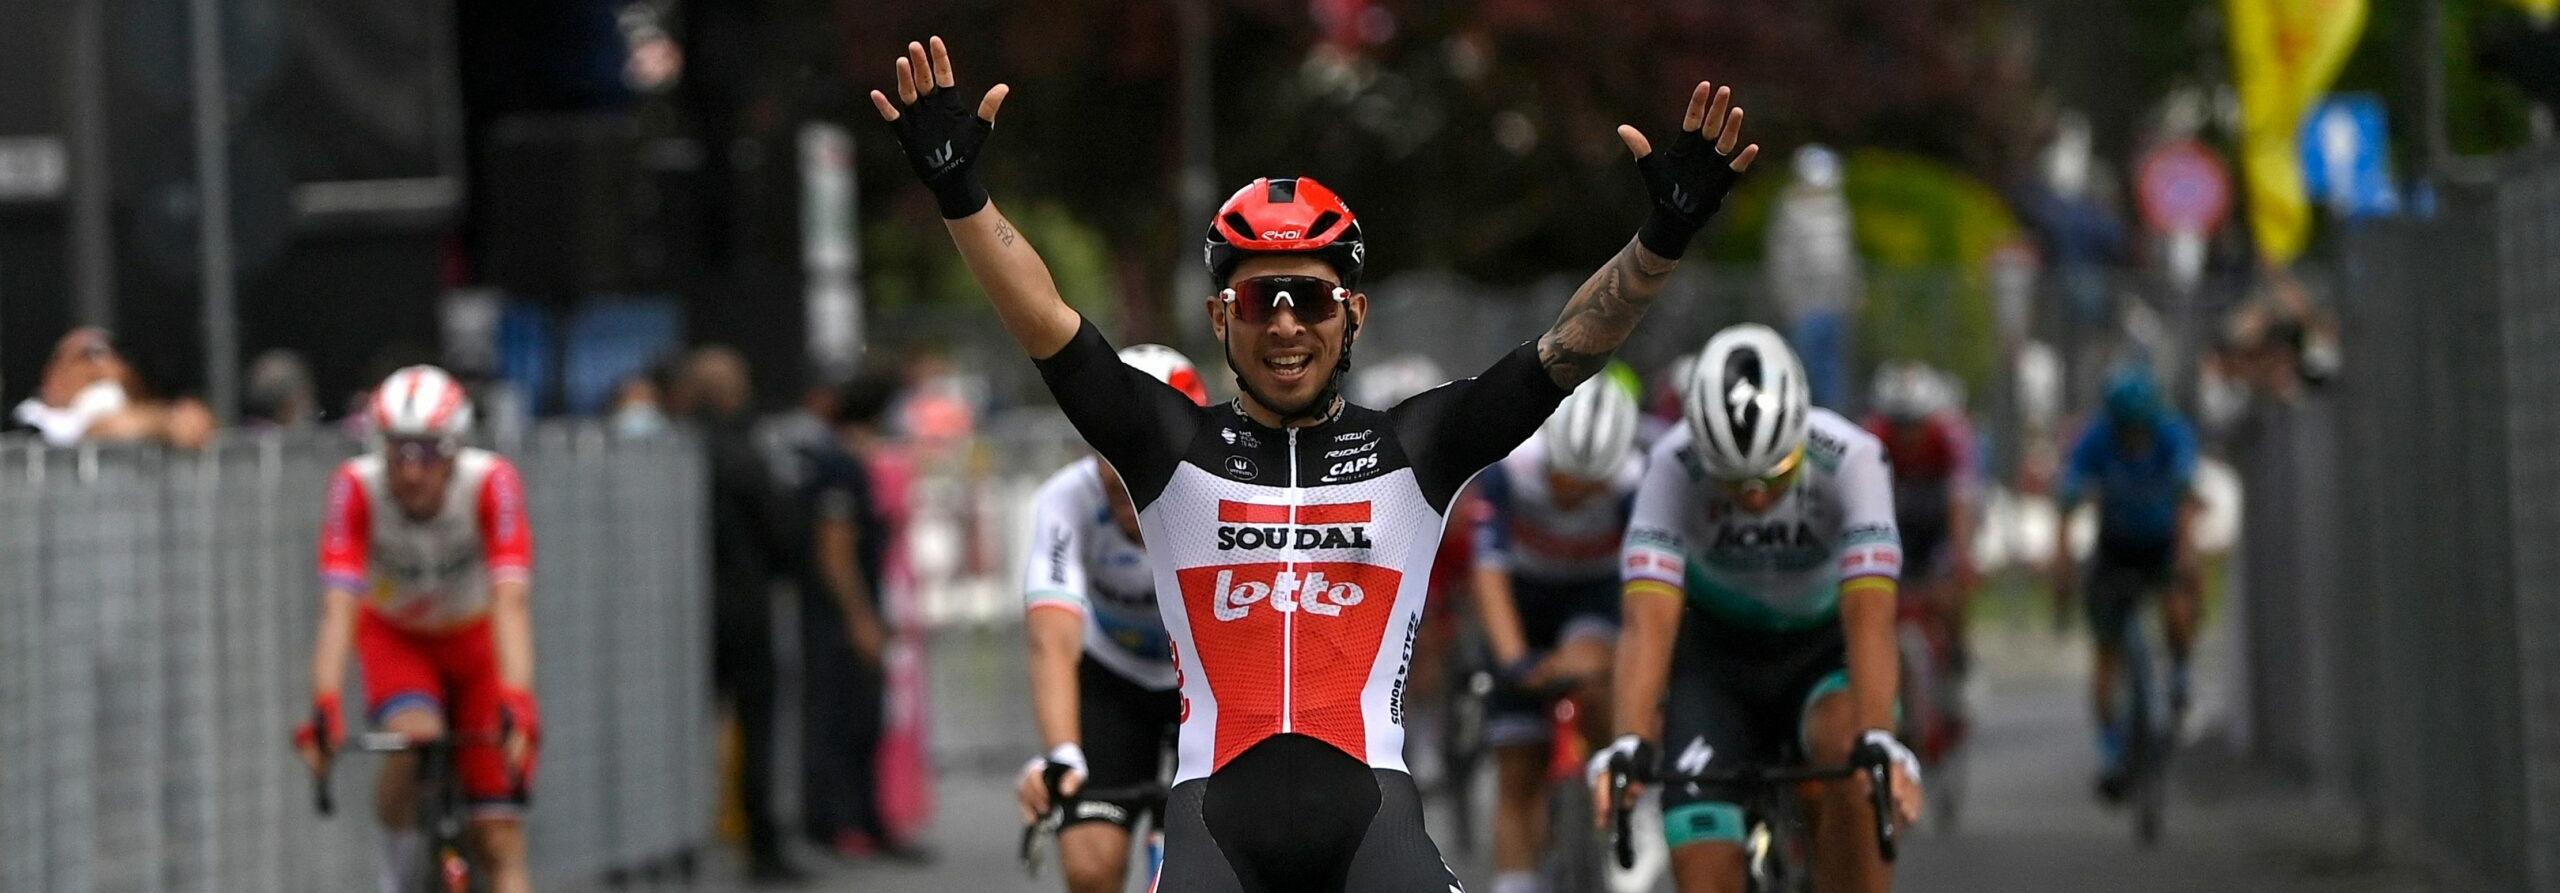 Giro d'Italia 2021: quote, favoriti e possibili sorprese della settima tappa